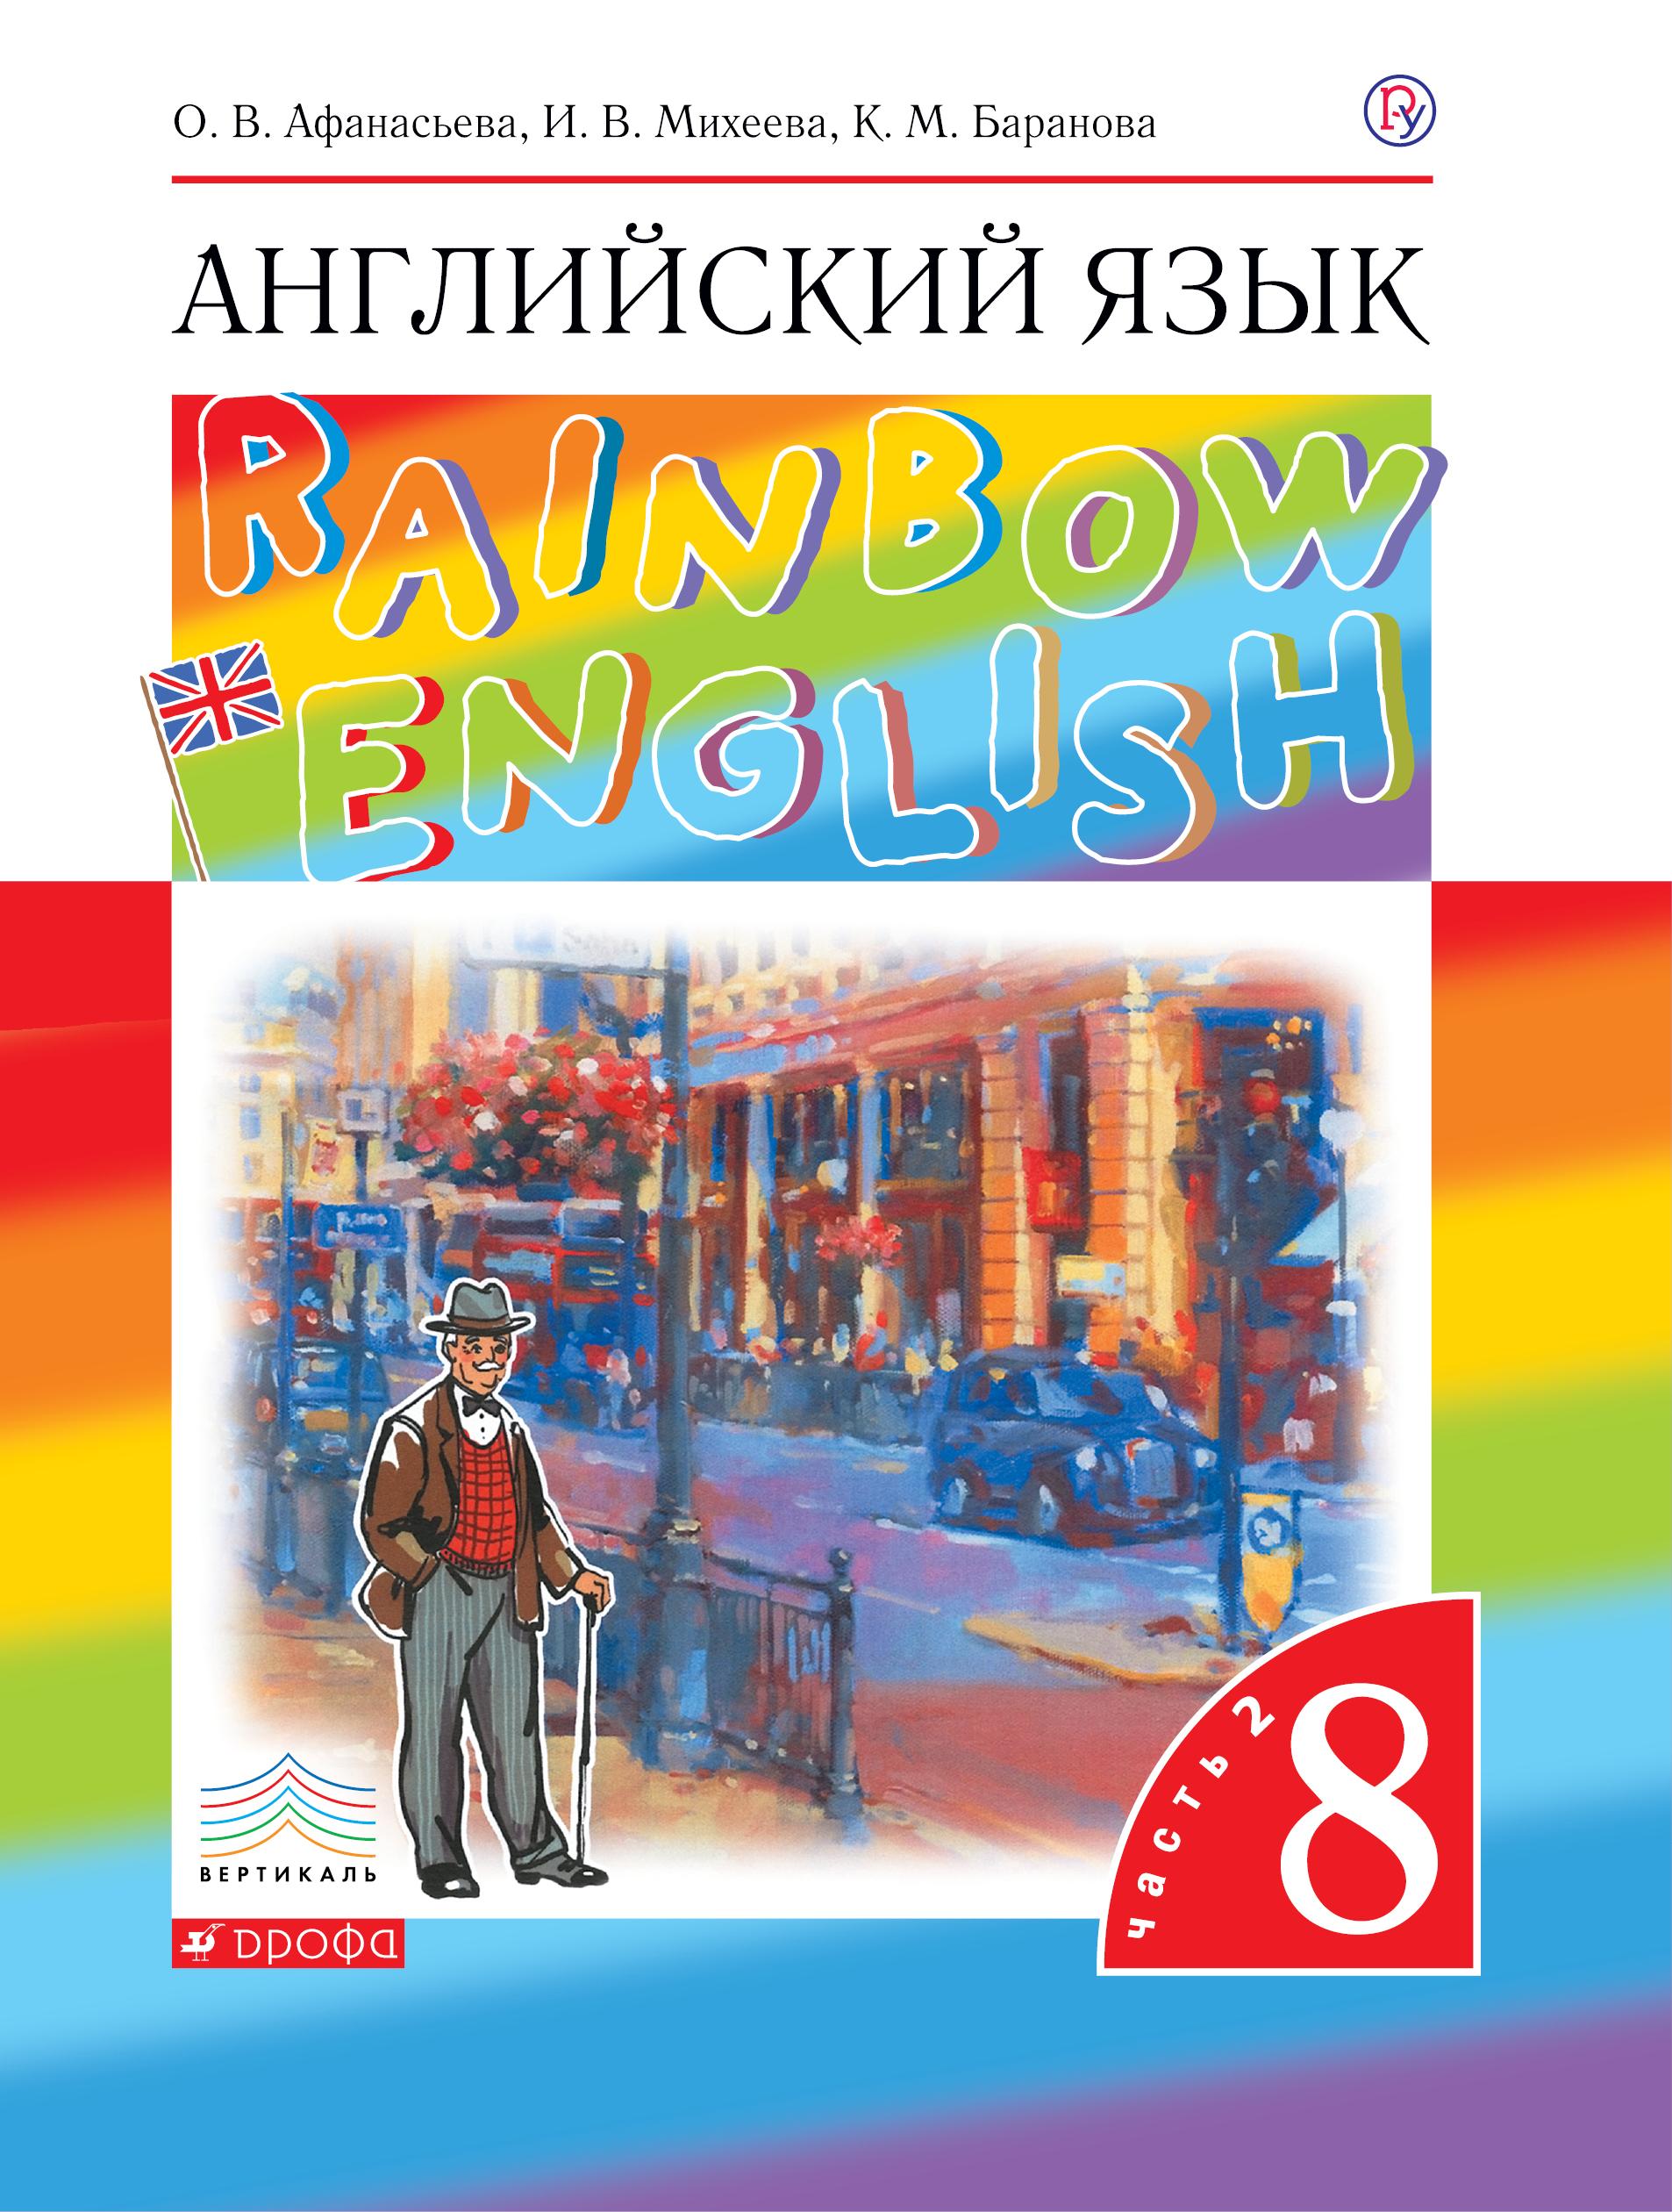 О. В. Афанасьева, И. В. Михеева, К. М. Баранова Английский язык. 8 класс. Учебник. В 2 частях. Часть 2